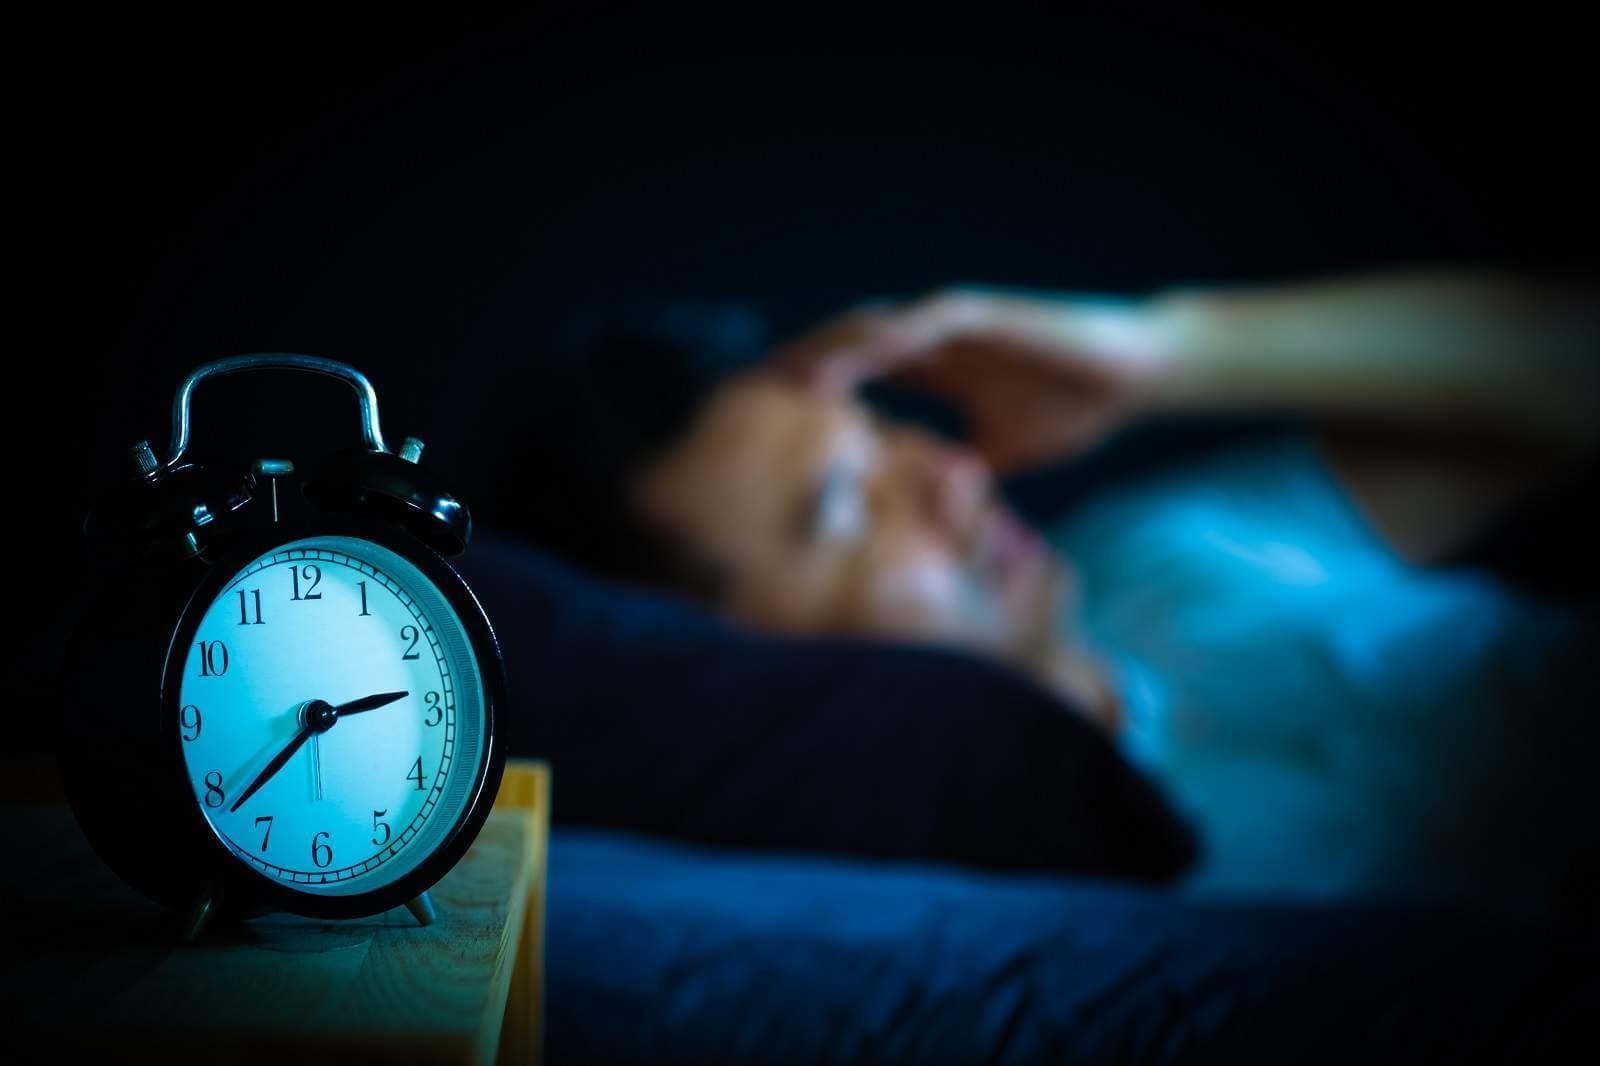 Повышенный риск рака. Повышенное освещение ночью приводит к нарушению сна, что повышает риск развития рака, особенно молочной железы и рака простаты. Мелатонин является мощным антиоксидантом и естественным оружием организма против рака, но он подавляется «синим светом». Нарушение сна